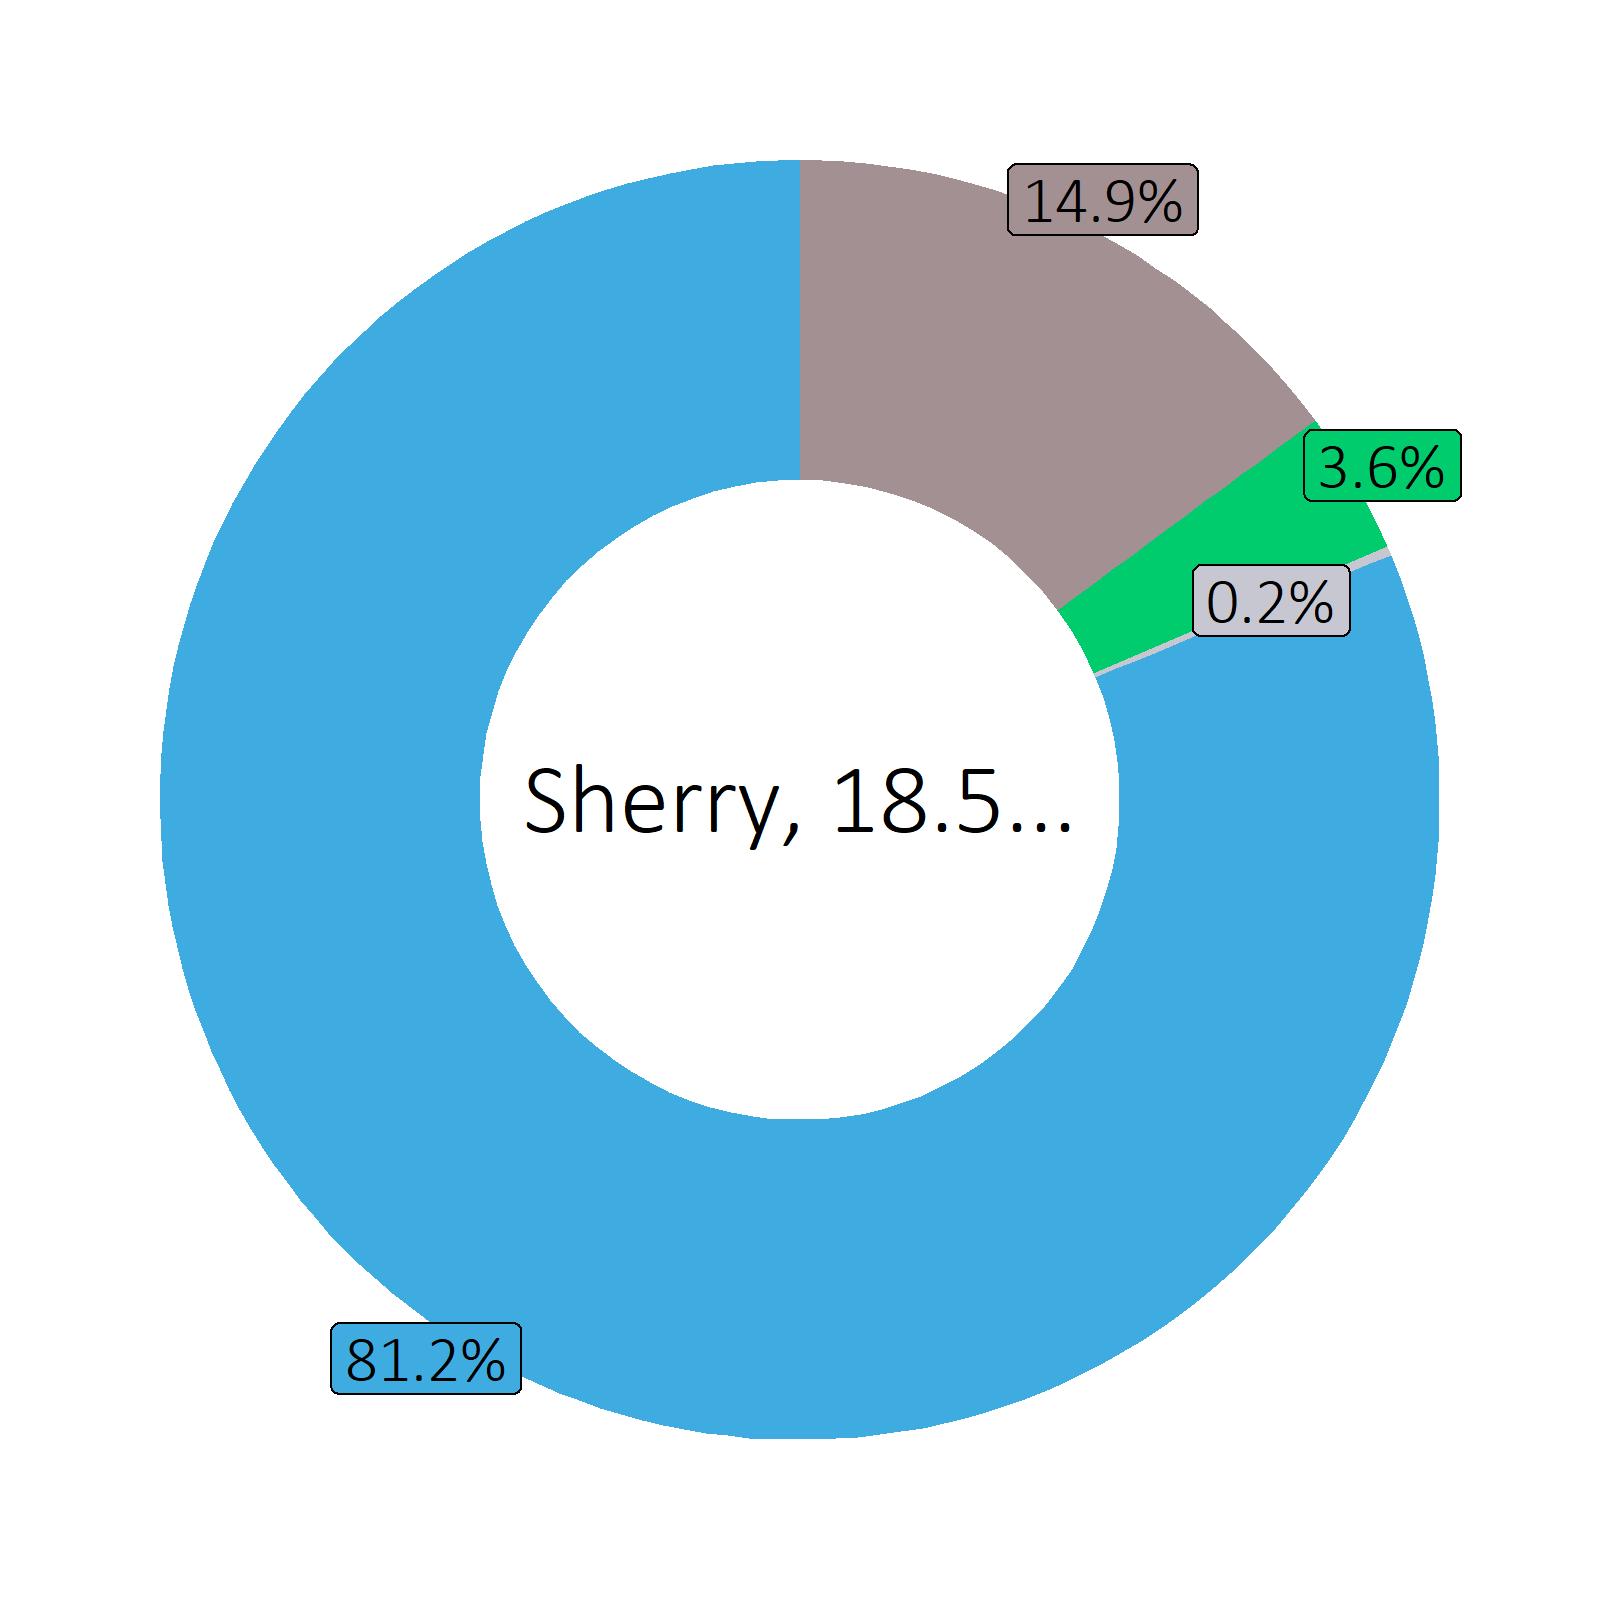 Bestandteile Sherry, 18.5 vol%